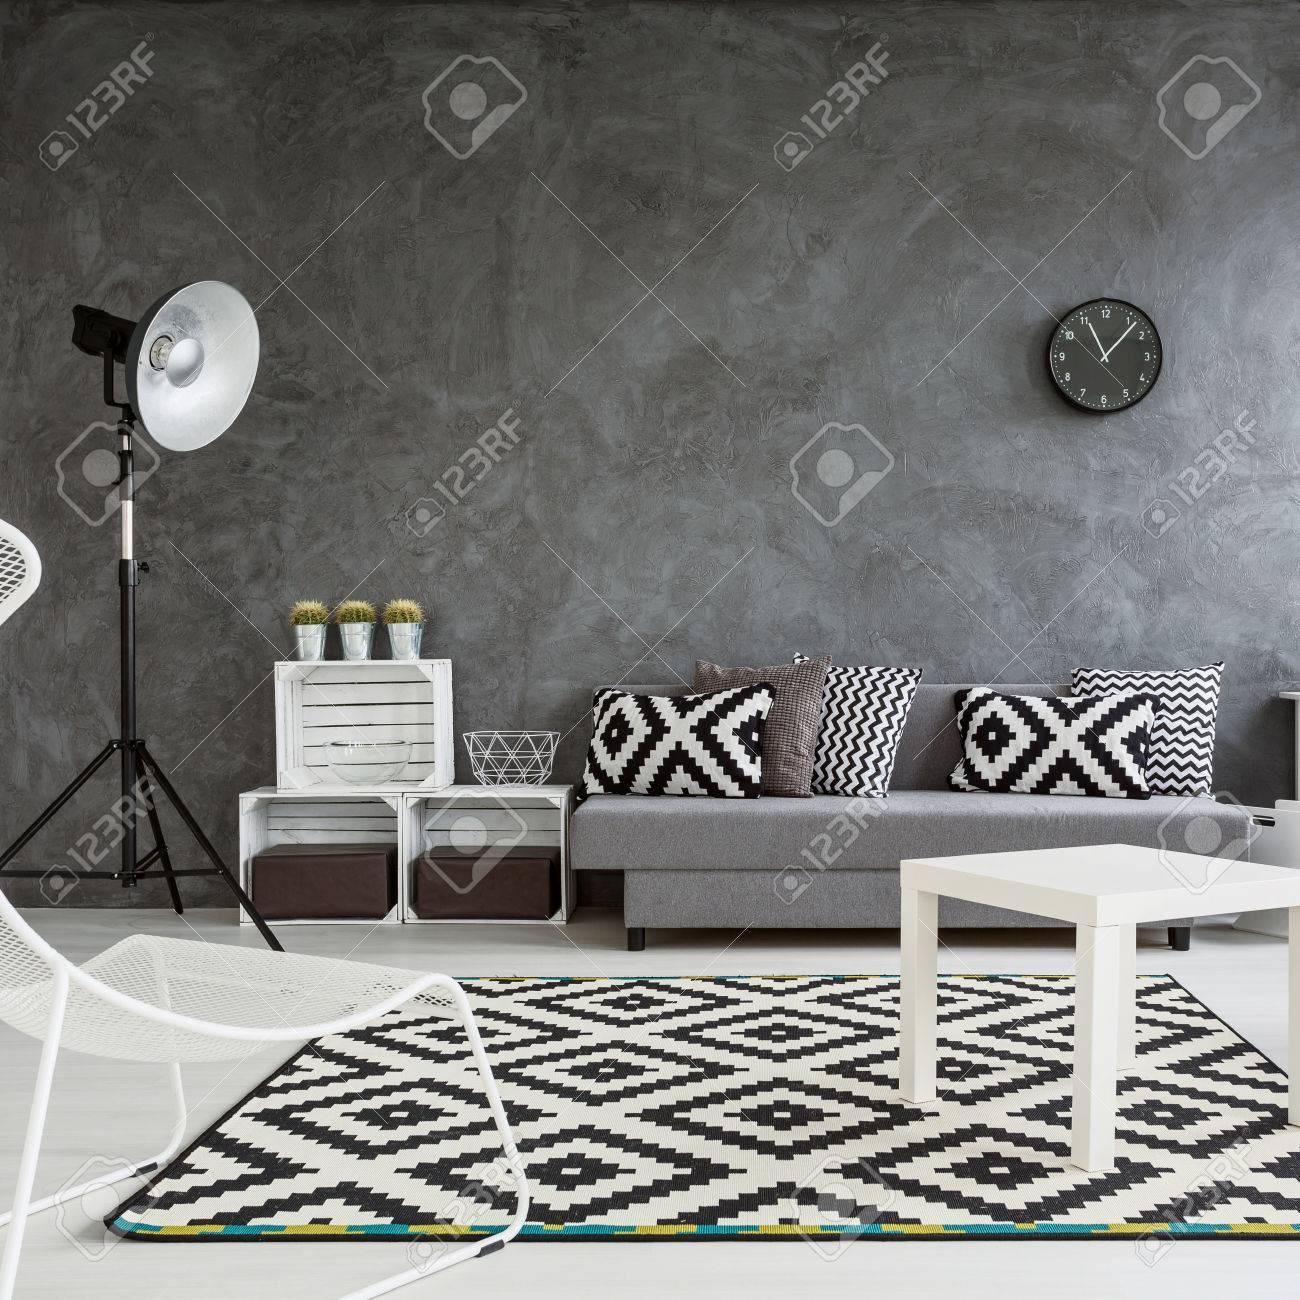 grand salon decore avec style murs gris blanc plancher en bois et decorations blanches et noires